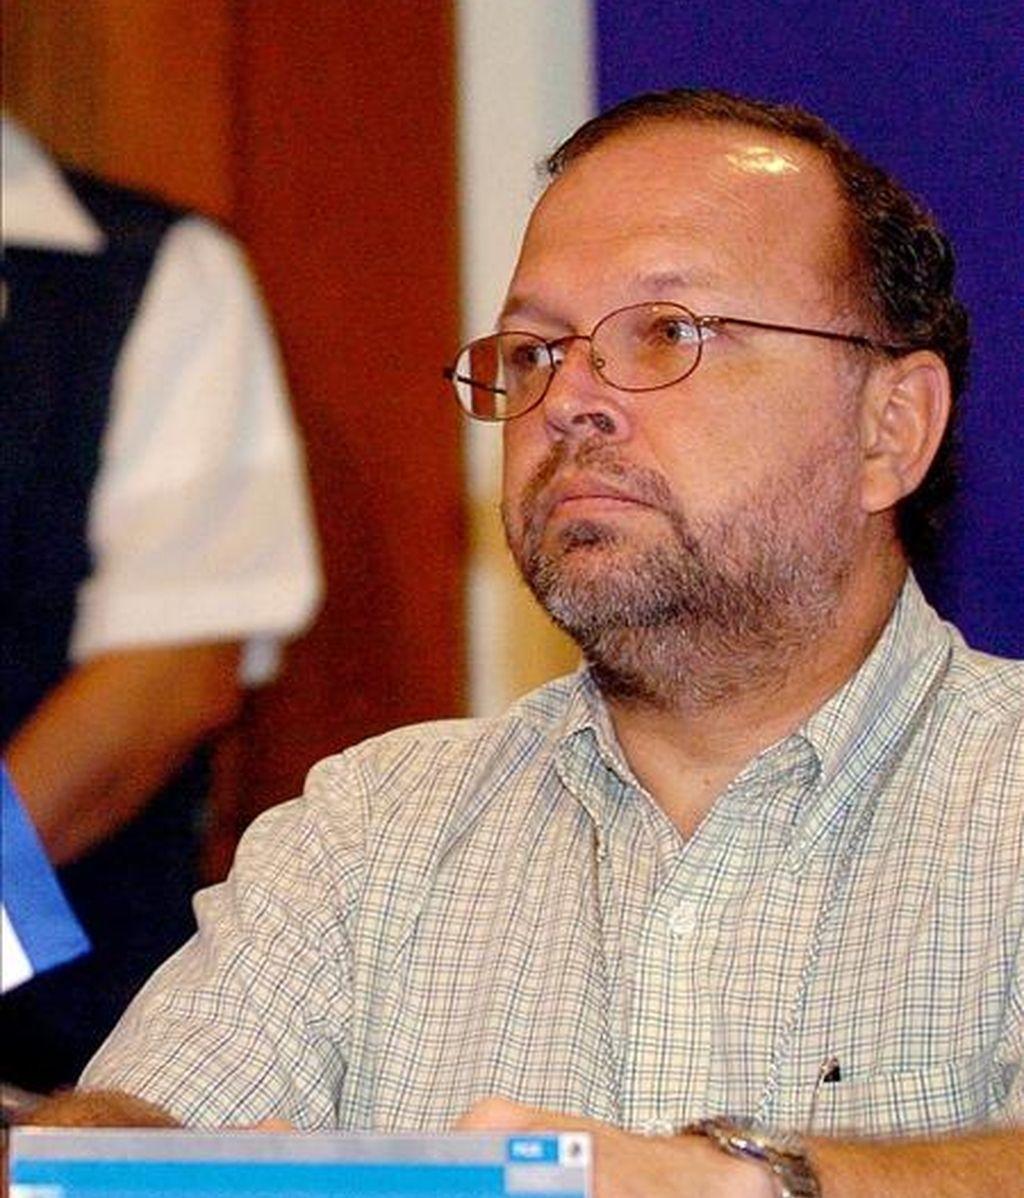 Varios medios locales informaron hoy que Francisco Dall'Anese aceptó el puesto en la Cicig, pero que aún no se sabe a partir de cuando hará efectiva su renuncia como fiscal. EFE/Archivo